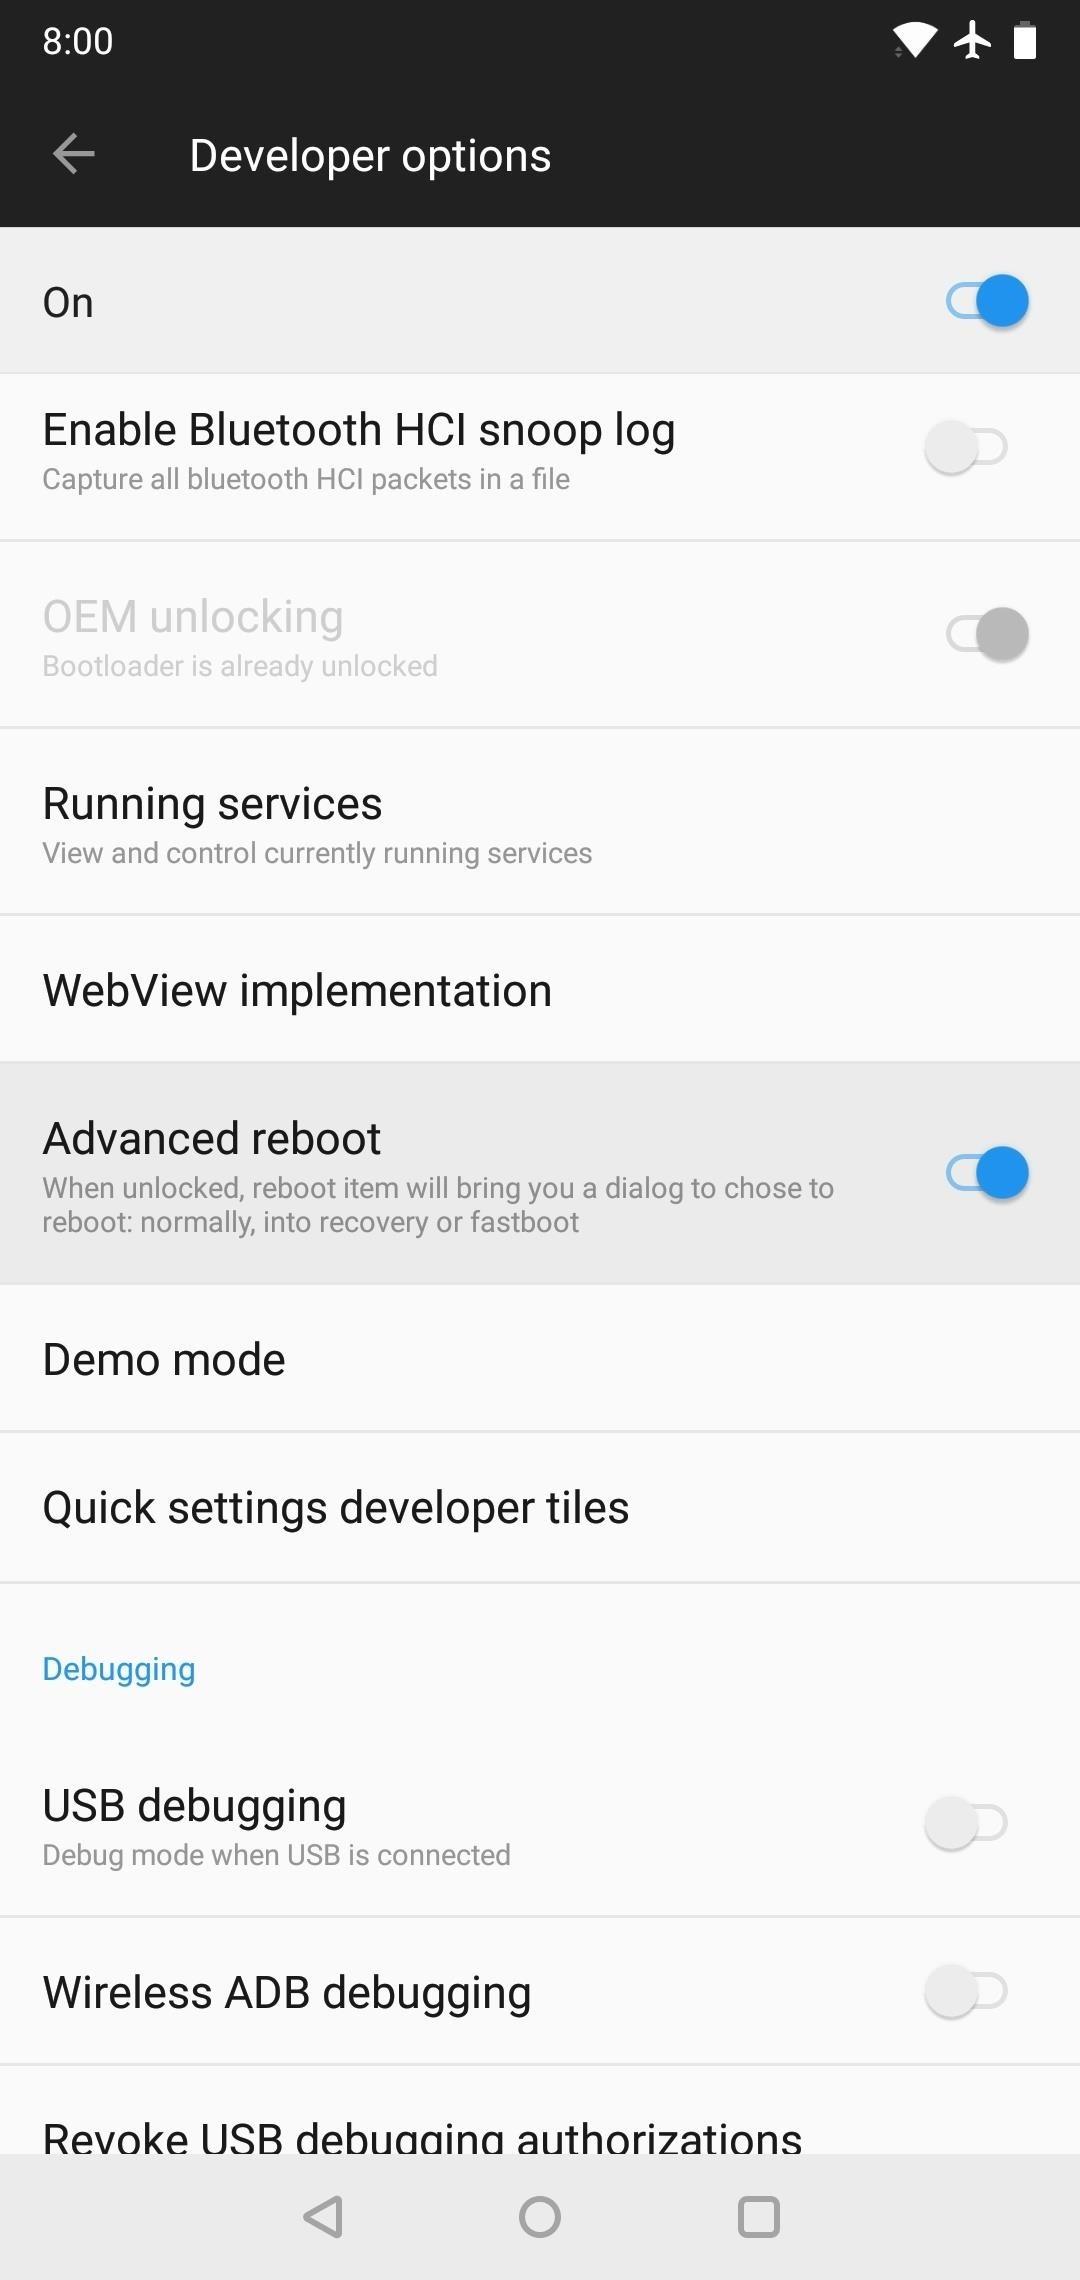 كيفية تثبيت TWRP Custom Recovery على جهاز OnePlus 6 الخاص بك